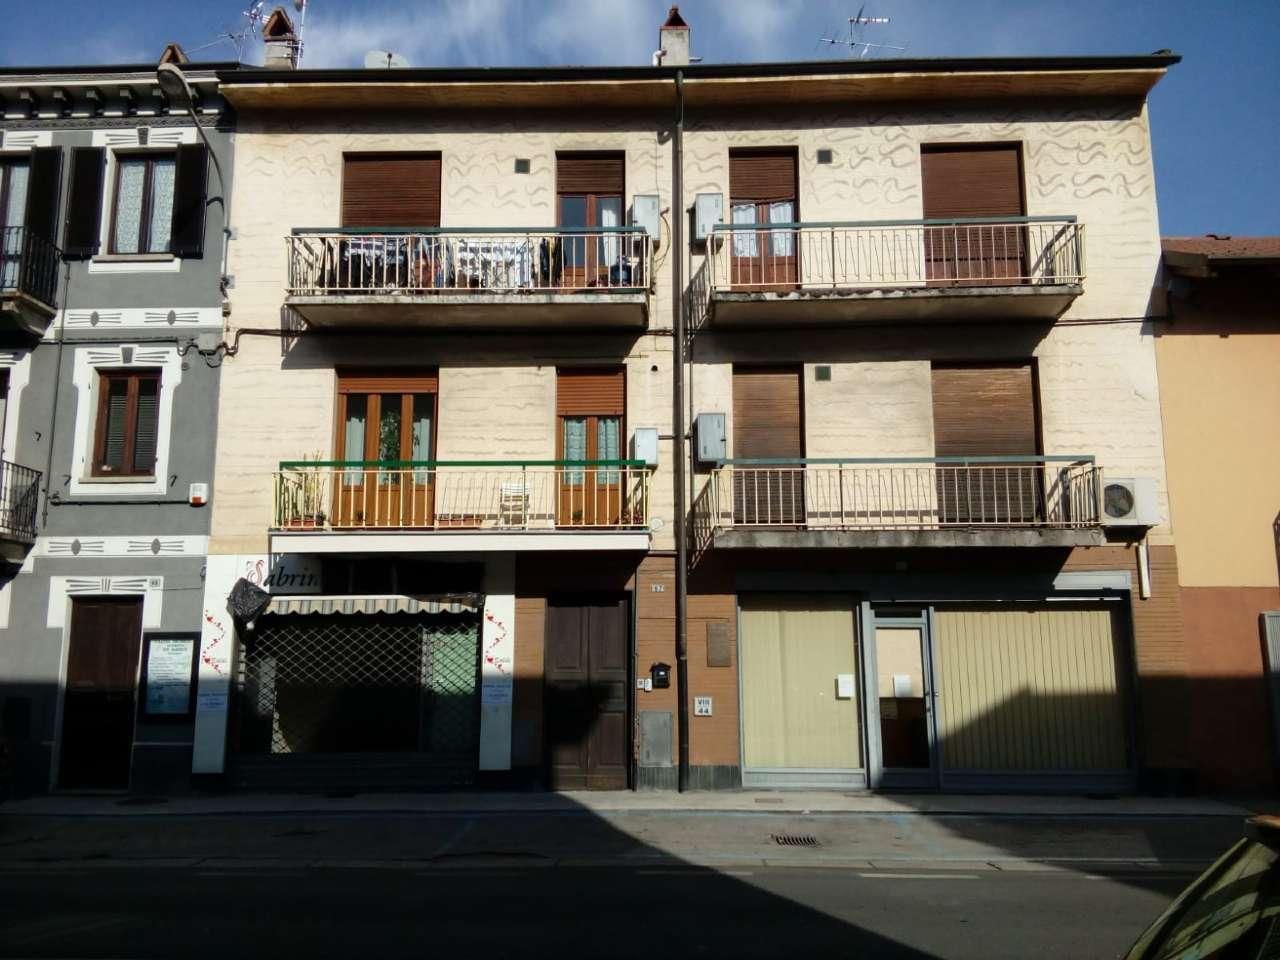 Negozio / Locale in affitto a Bussoleno, 2 locali, prezzo € 350 | CambioCasa.it